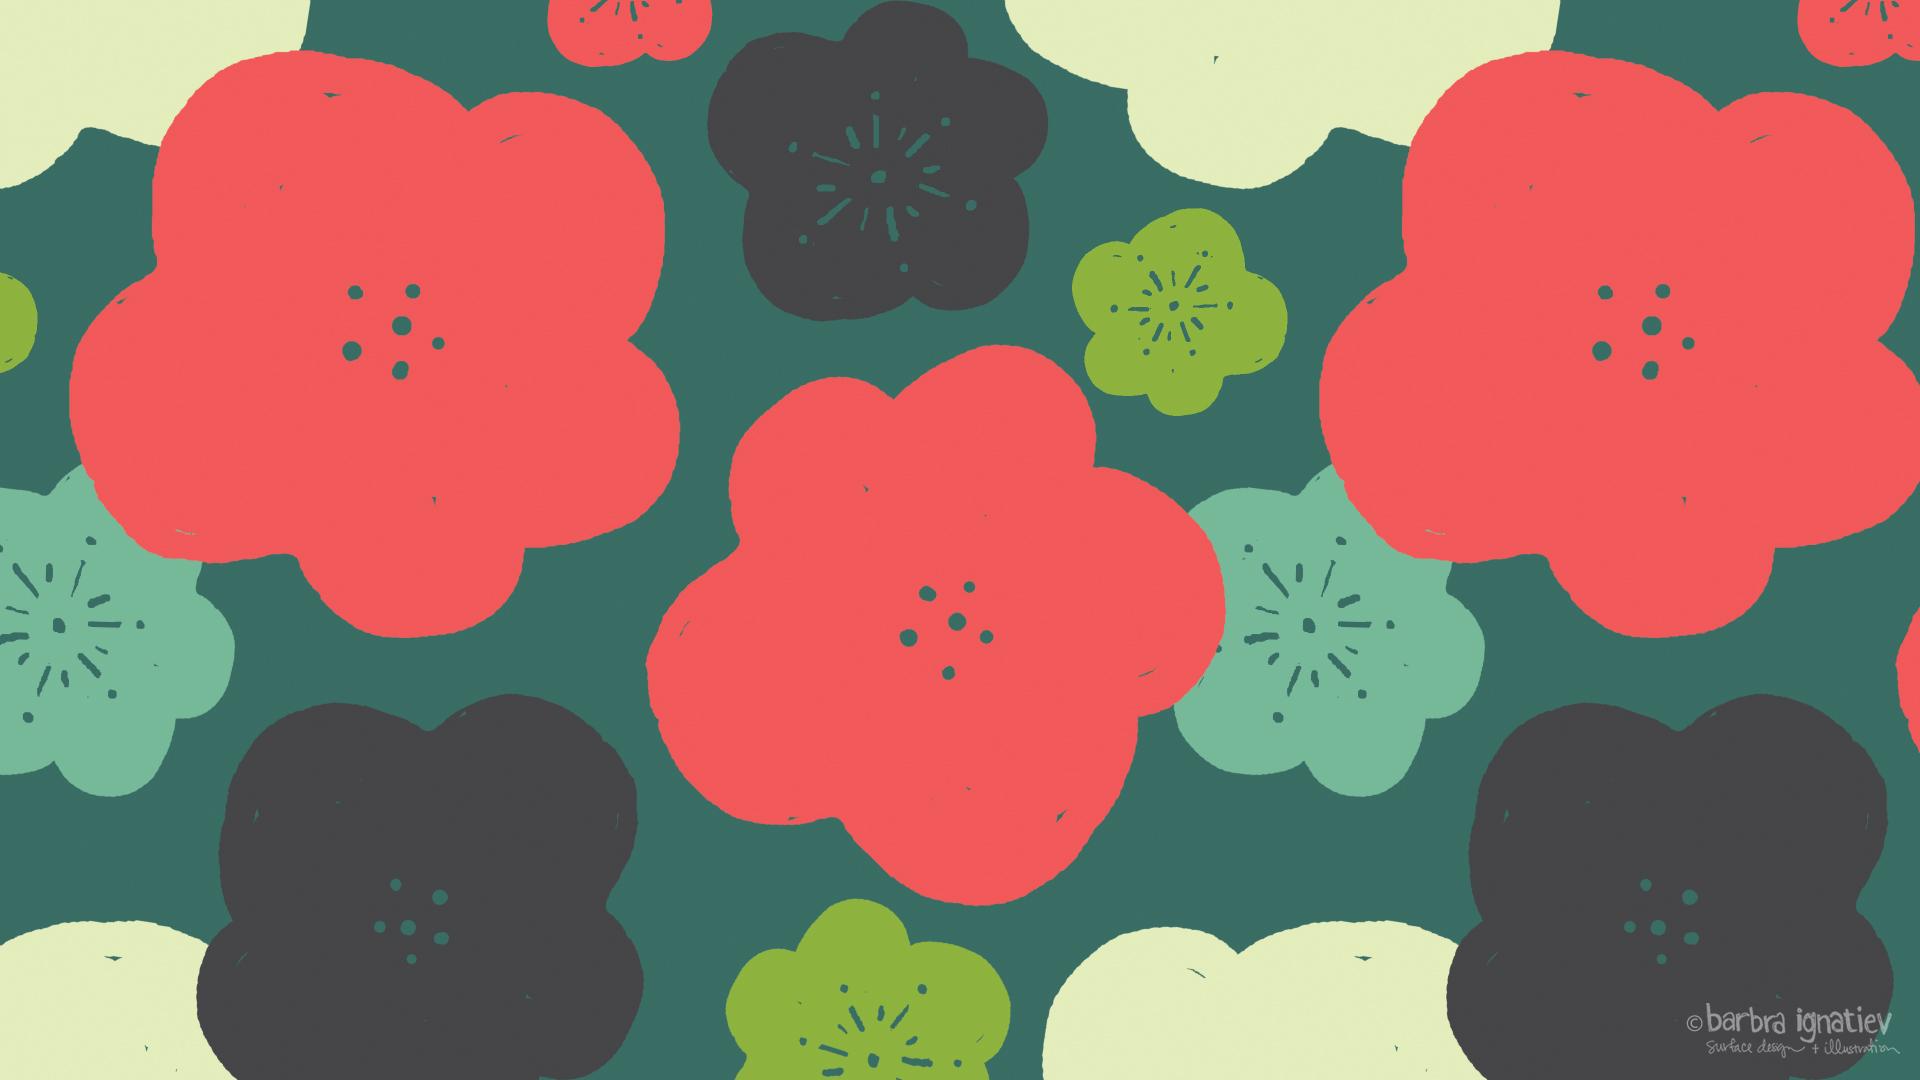 pretty desktop background for sharing pop flower barbra